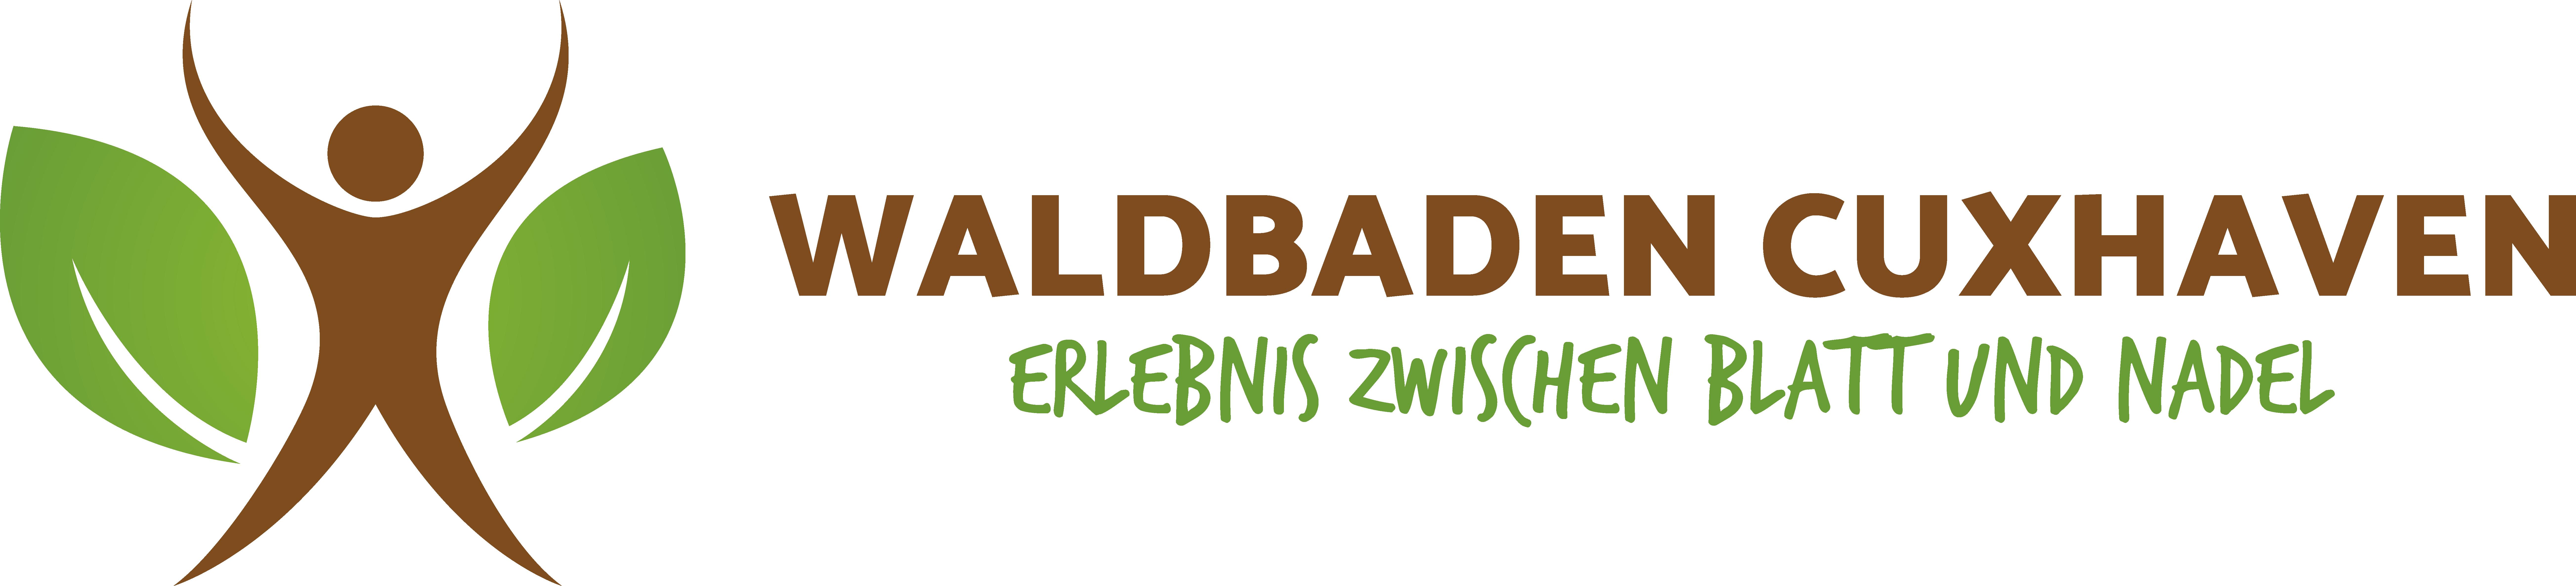 Logo-WALDBADEN-CUXHAVEN-quer